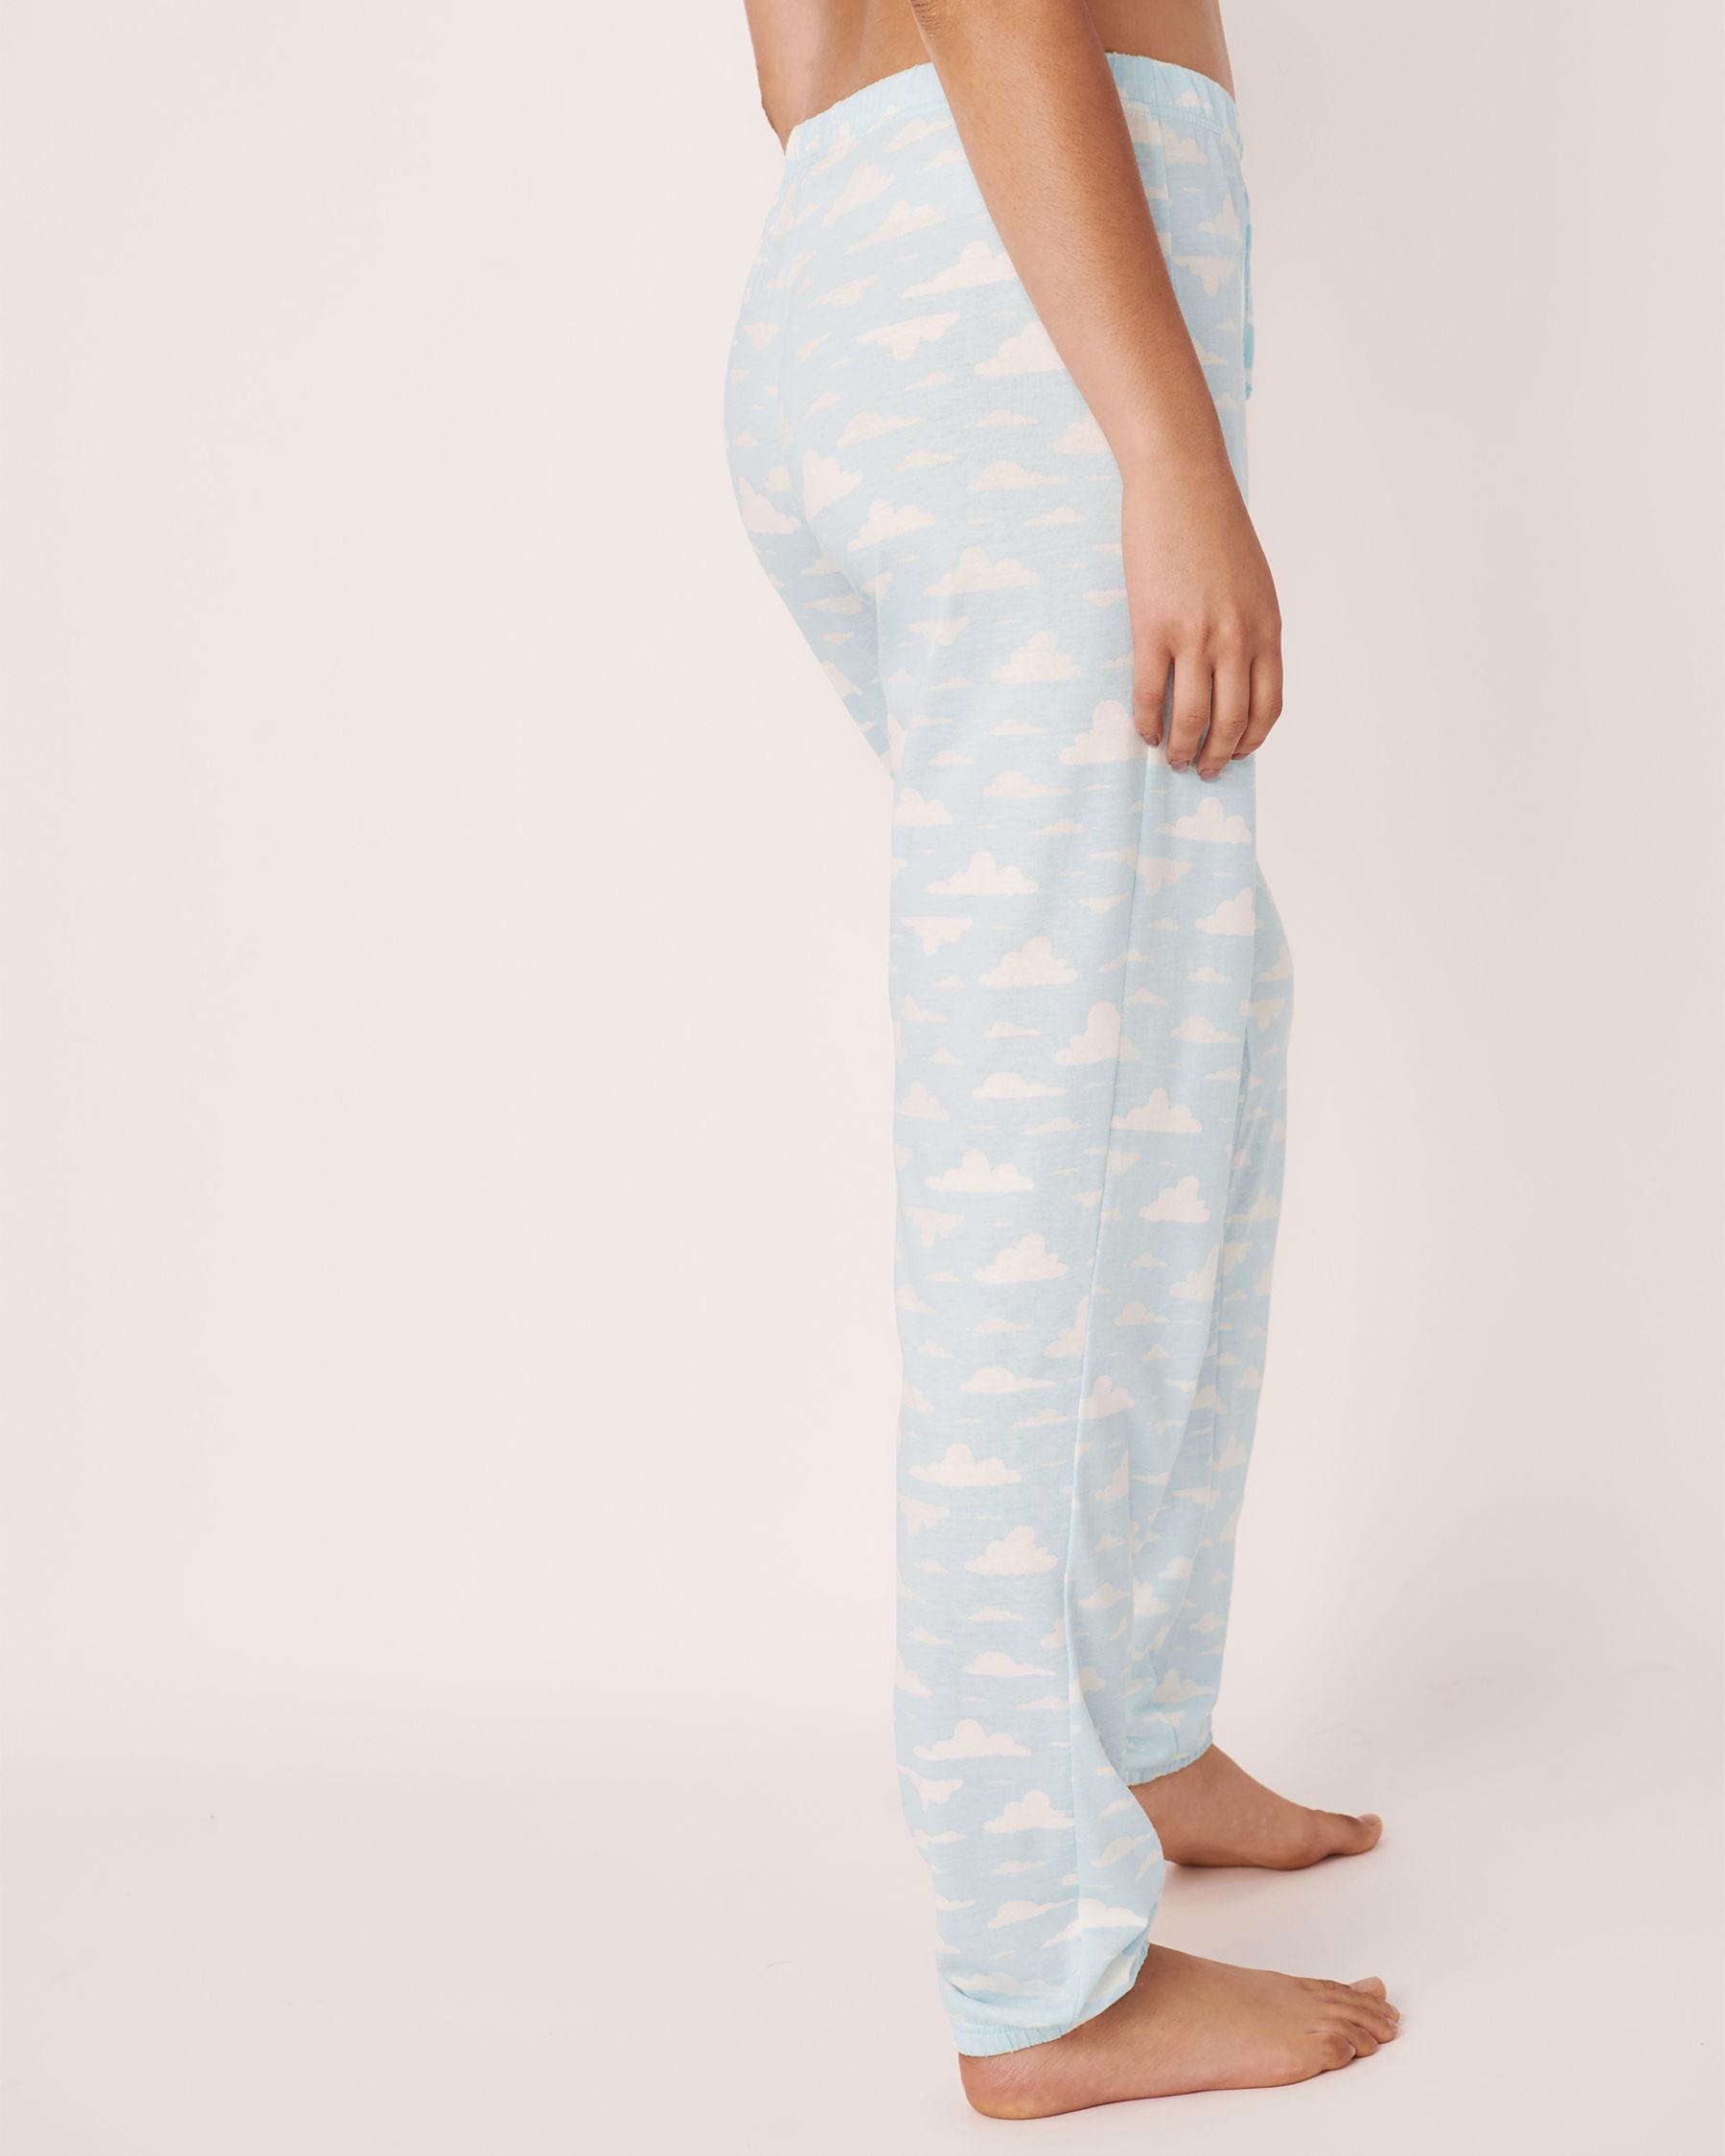 LA VIE EN ROSE Fitted Pyjama Pant Clouds 40200159 - View2